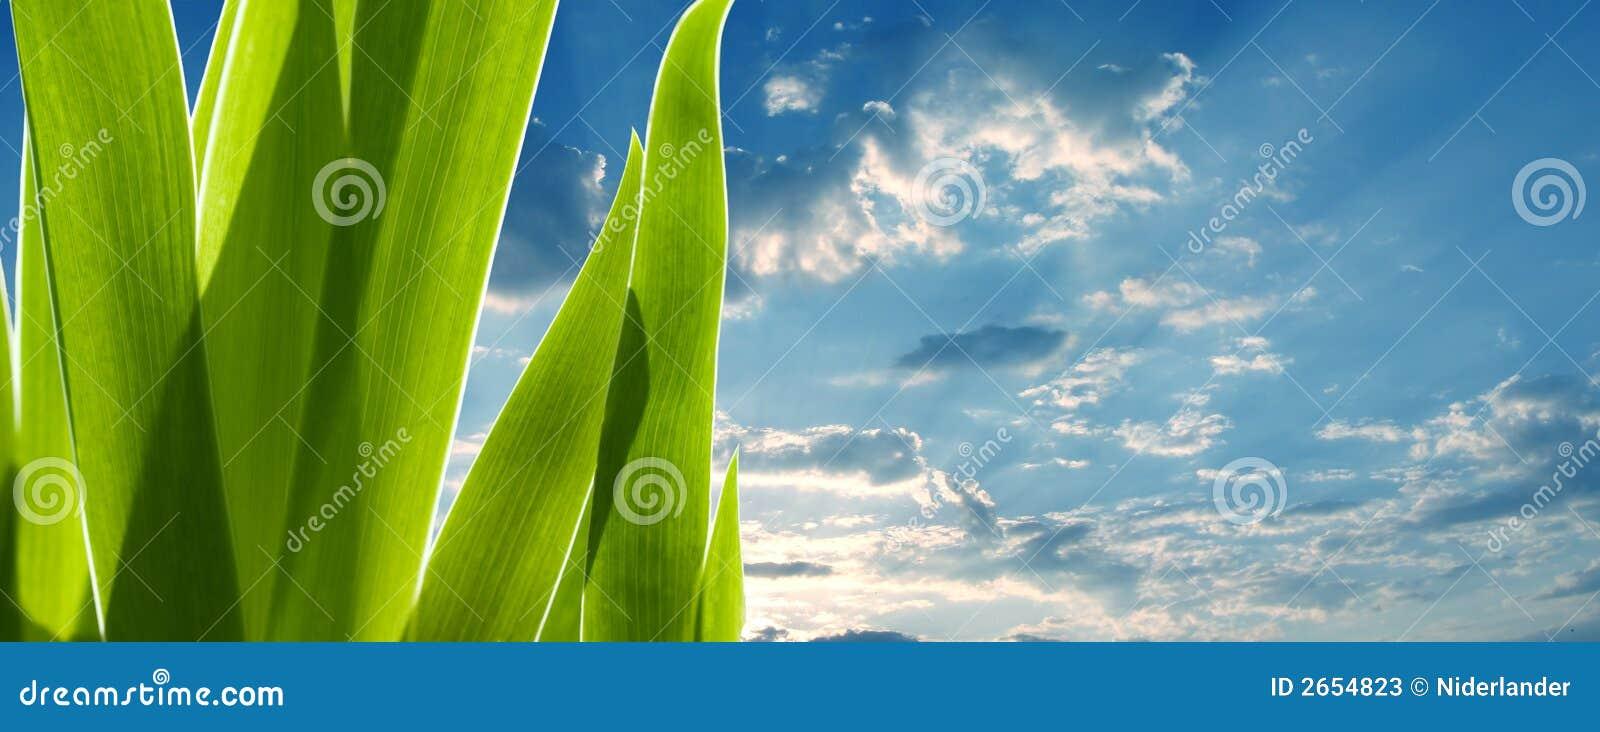 Groene bladeren en de hemel